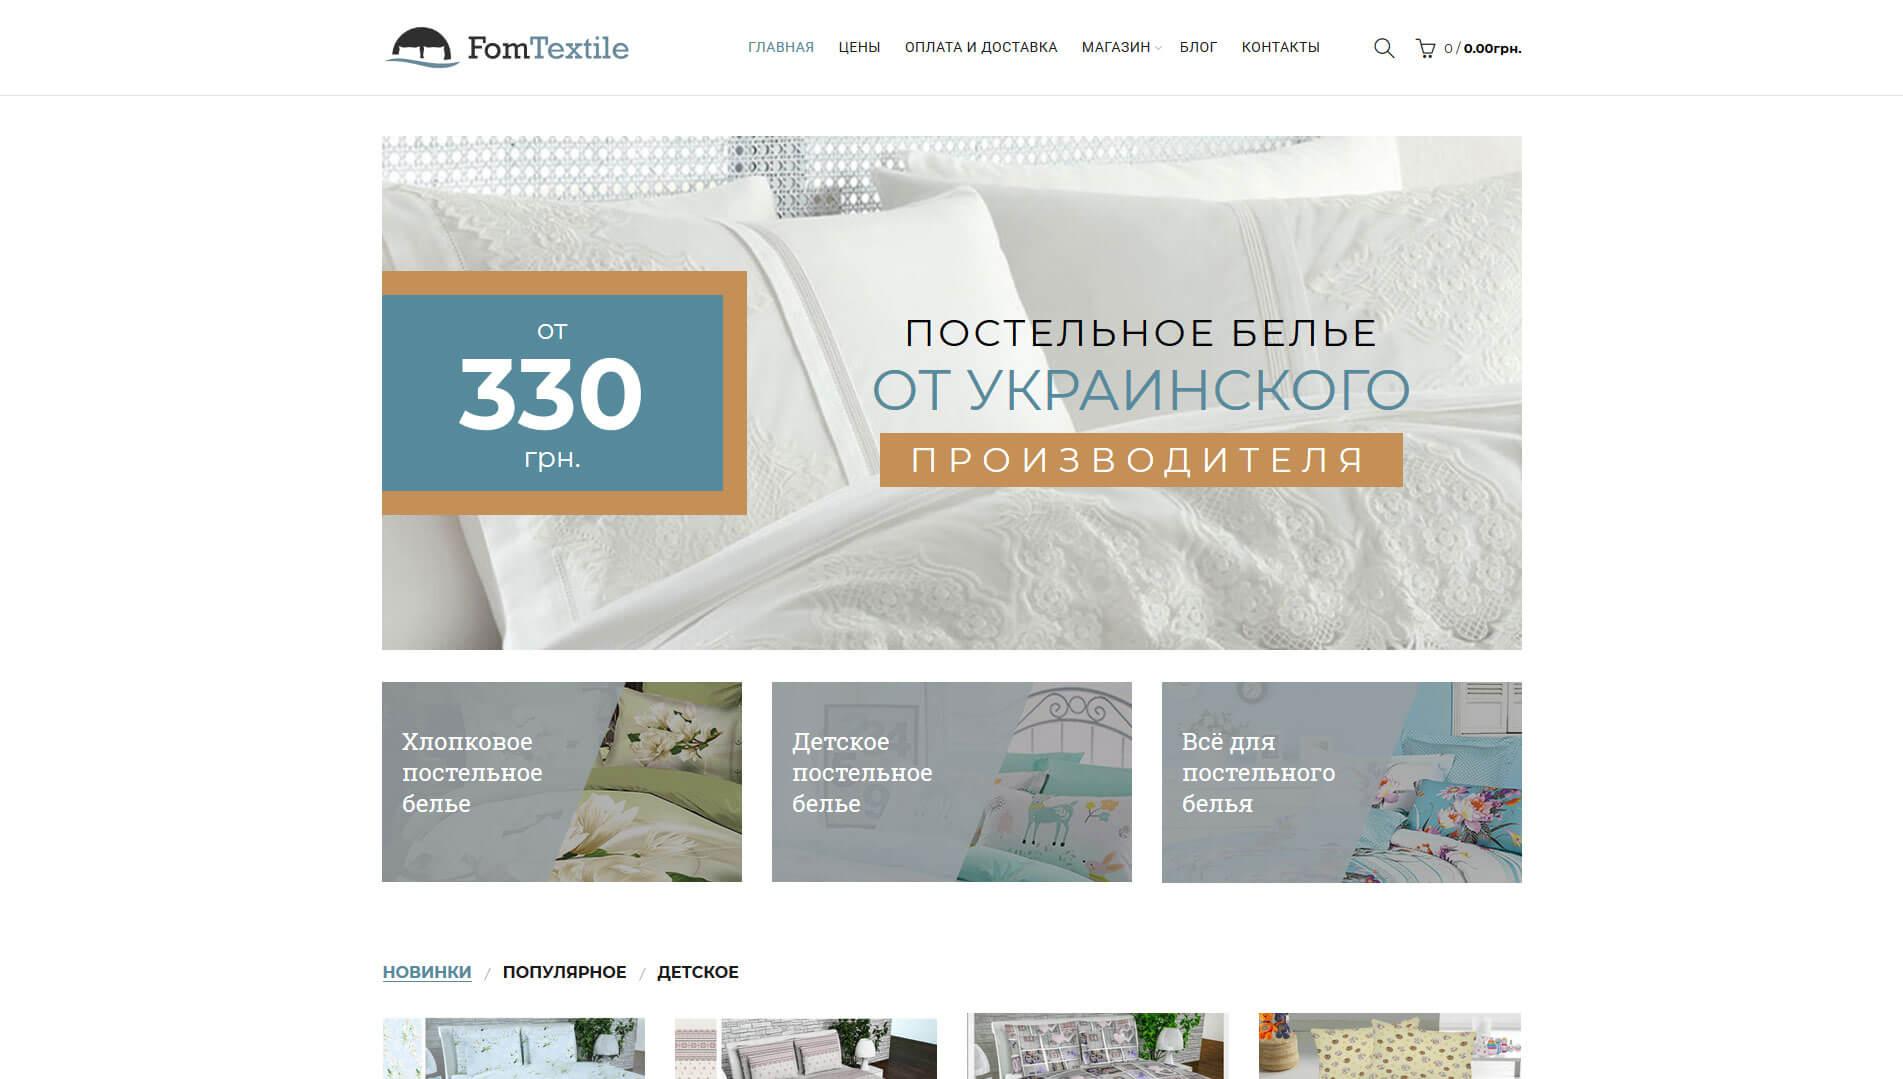 Создание сайта для производителя постельного белья FomTextile